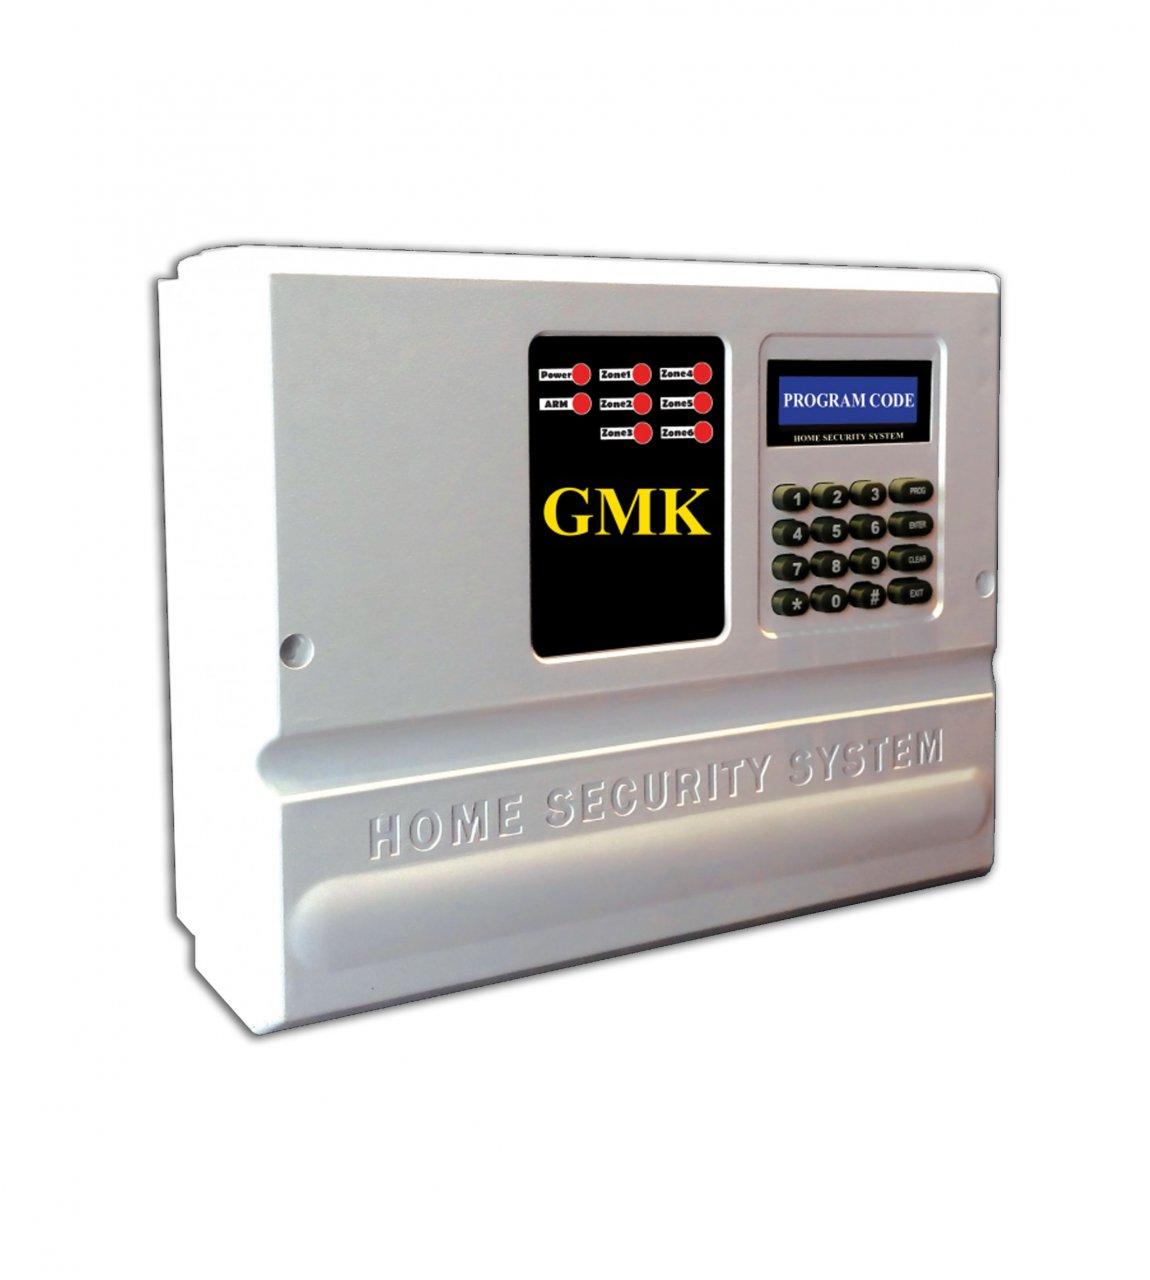 سیستم دزدگیر سیم کارتی اماکن GMK مدل ۴۰۰۰